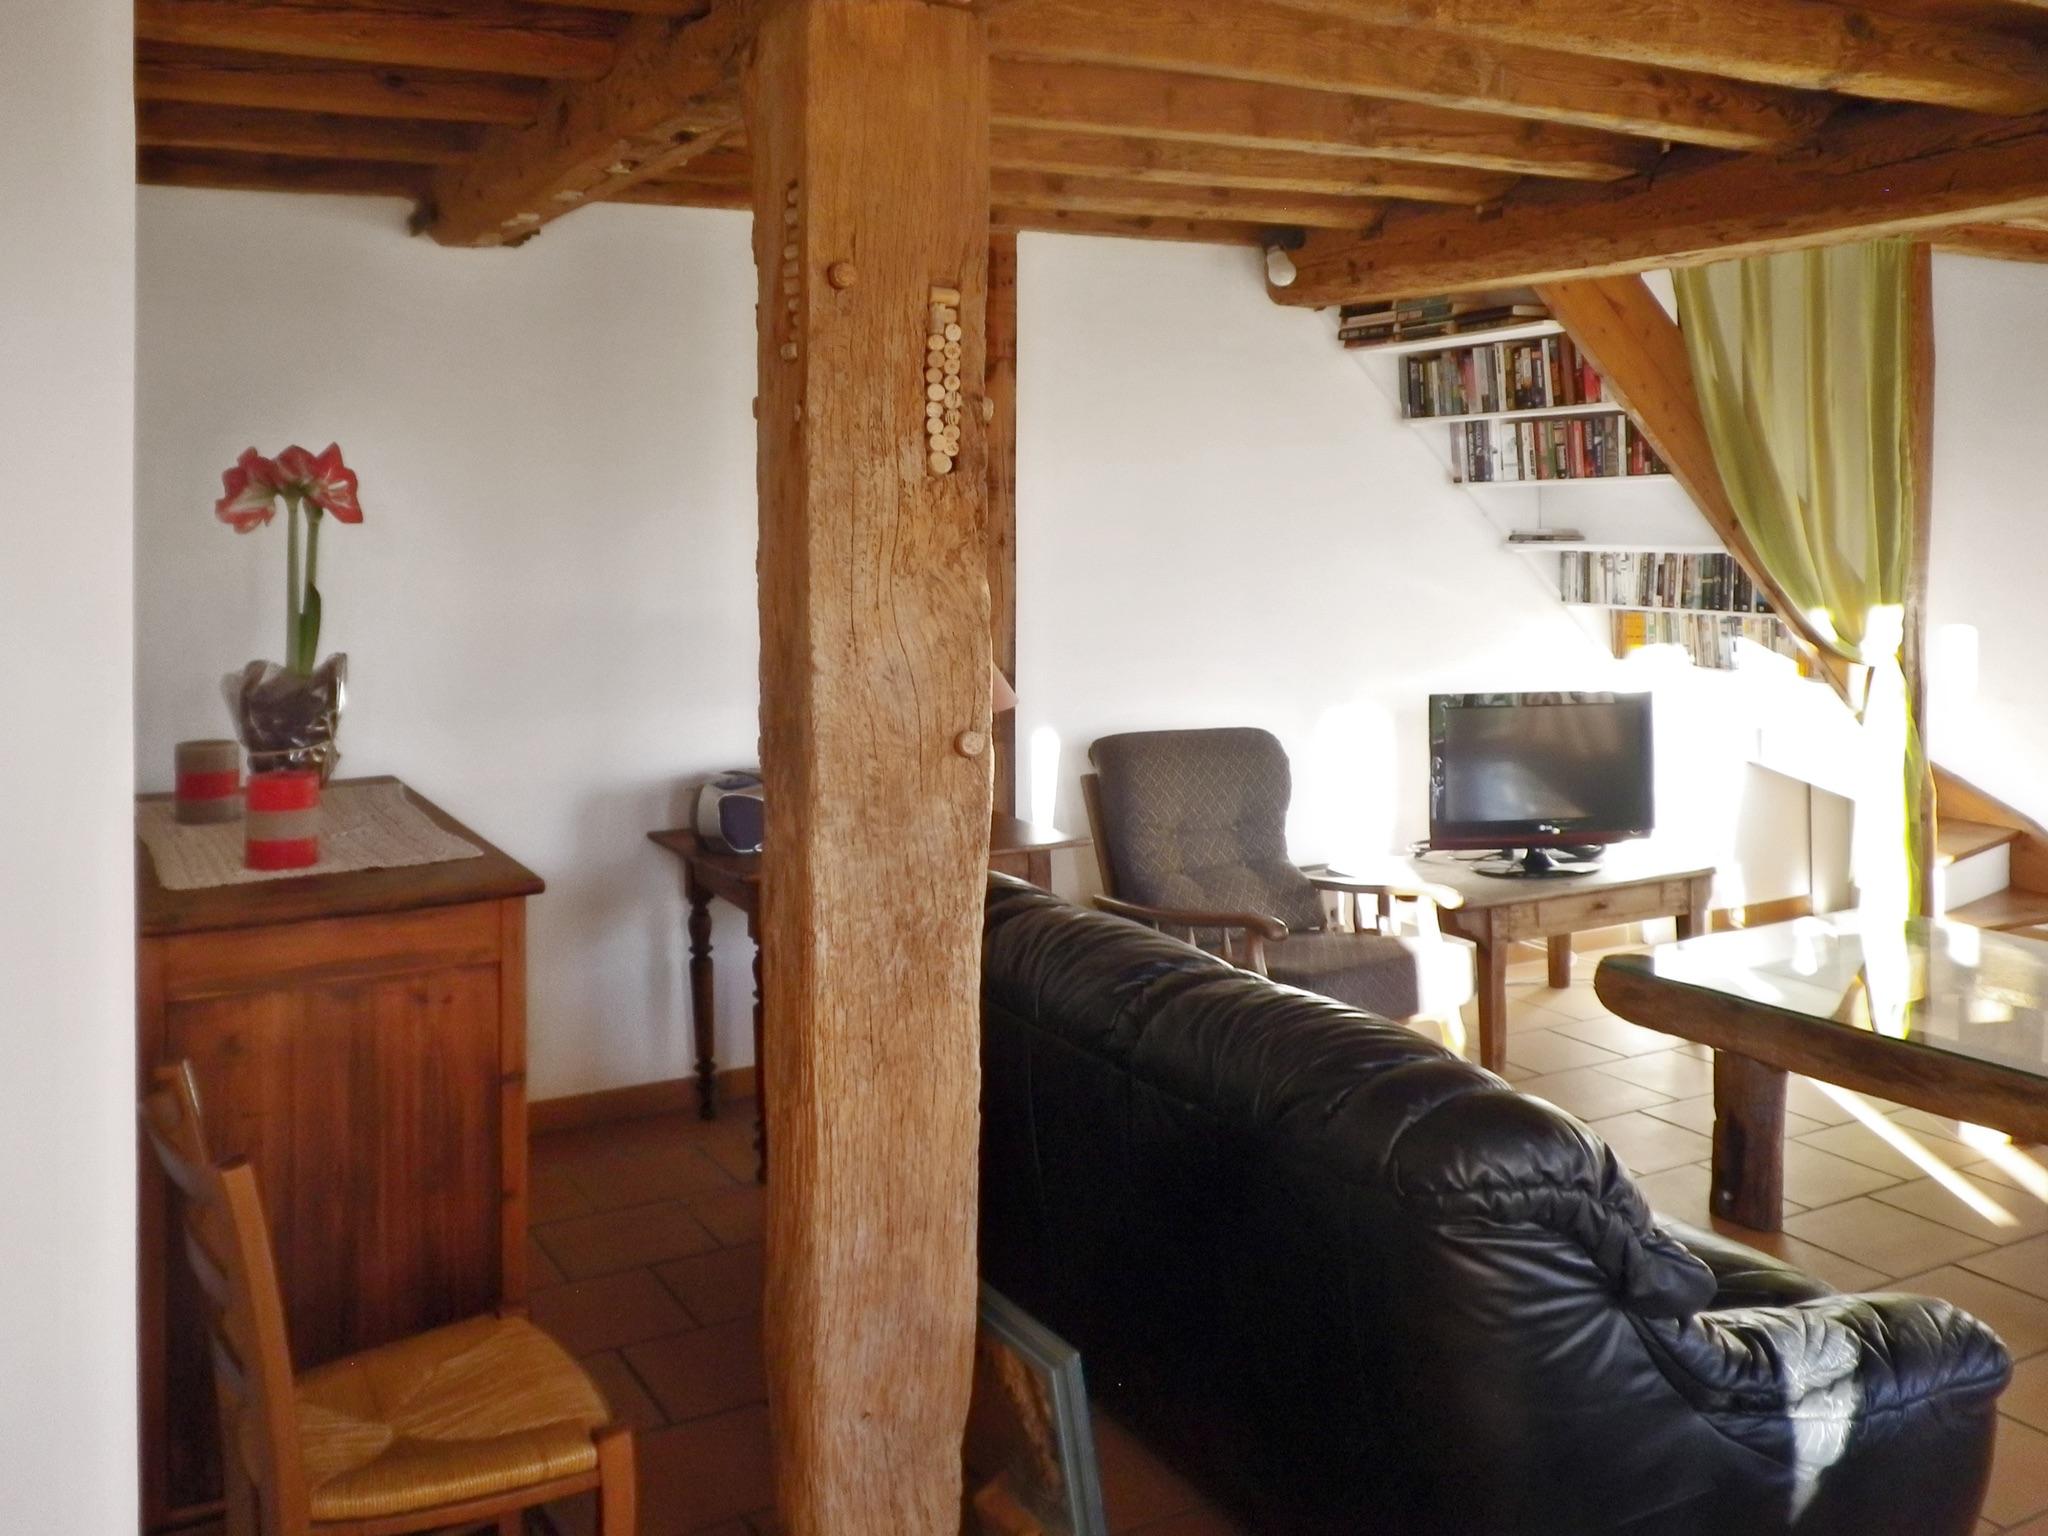 Ferienhaus Villa mit 4 Zimmern in Trensacq mit privatem Pool und möbliertem Garten - 45 km vom Strand (2202366), Trensacq, Landes, Aquitanien, Frankreich, Bild 11